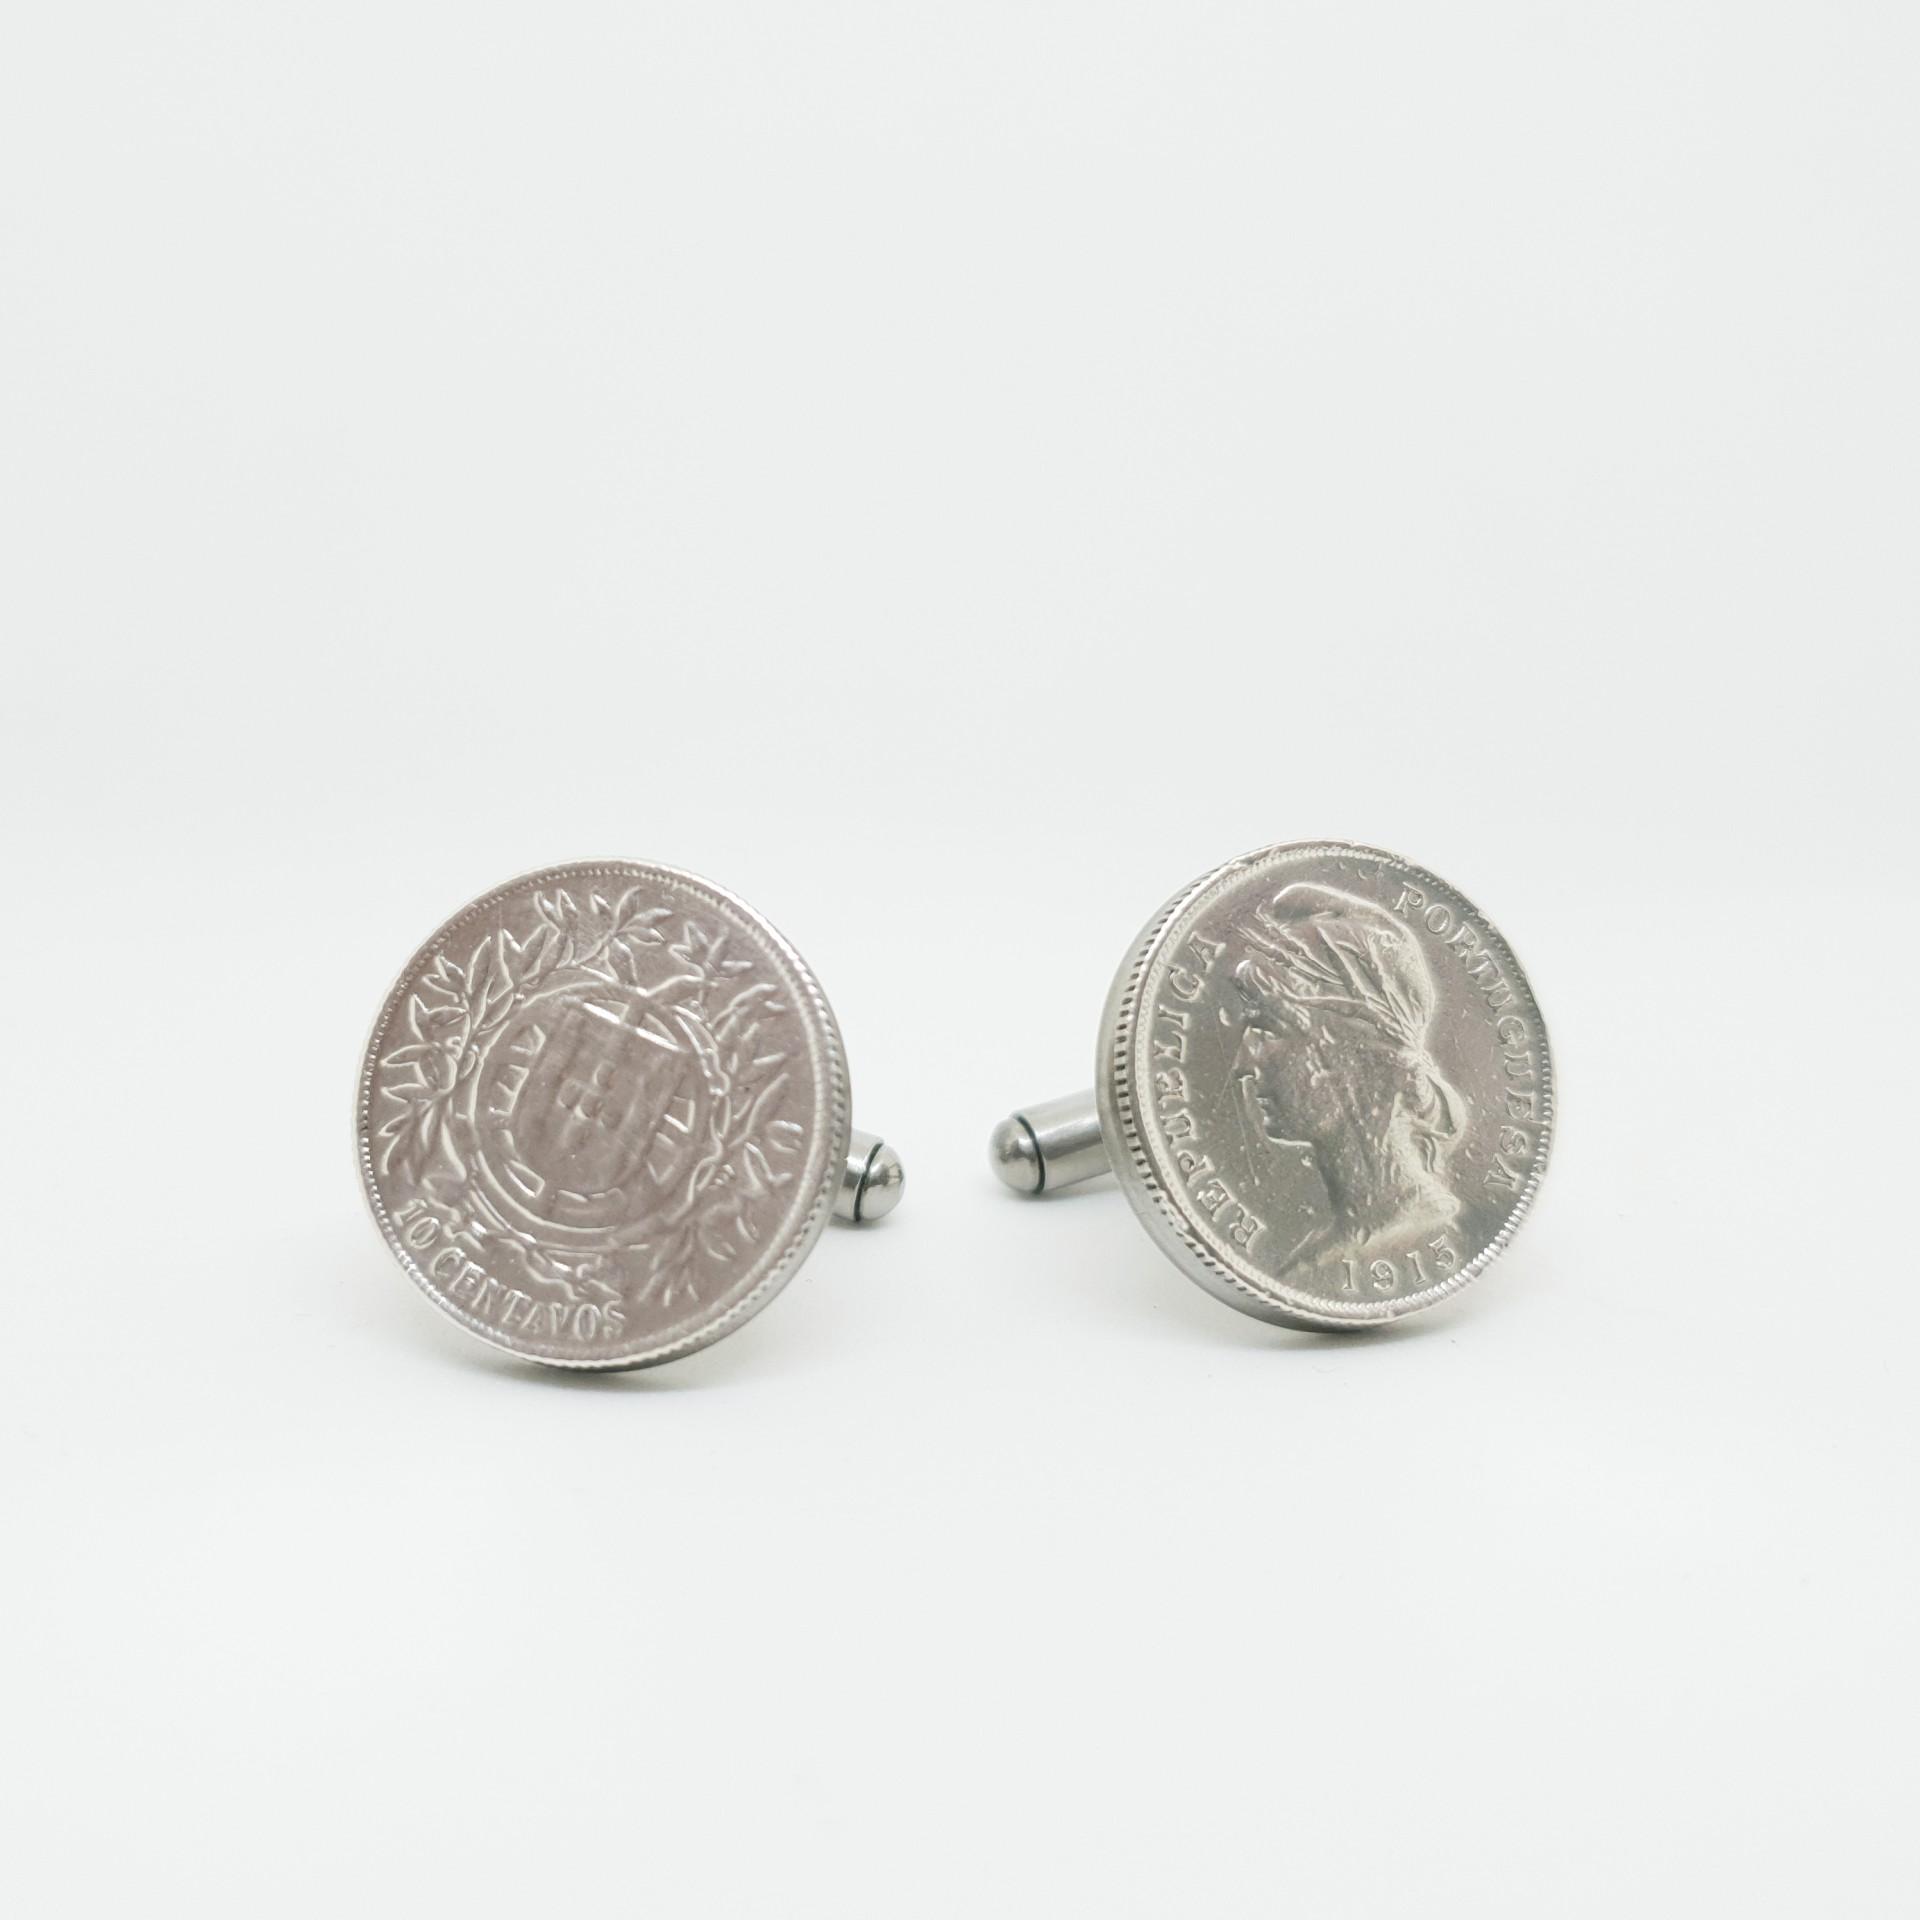 Botões de punho $10 Centavos (Prata)